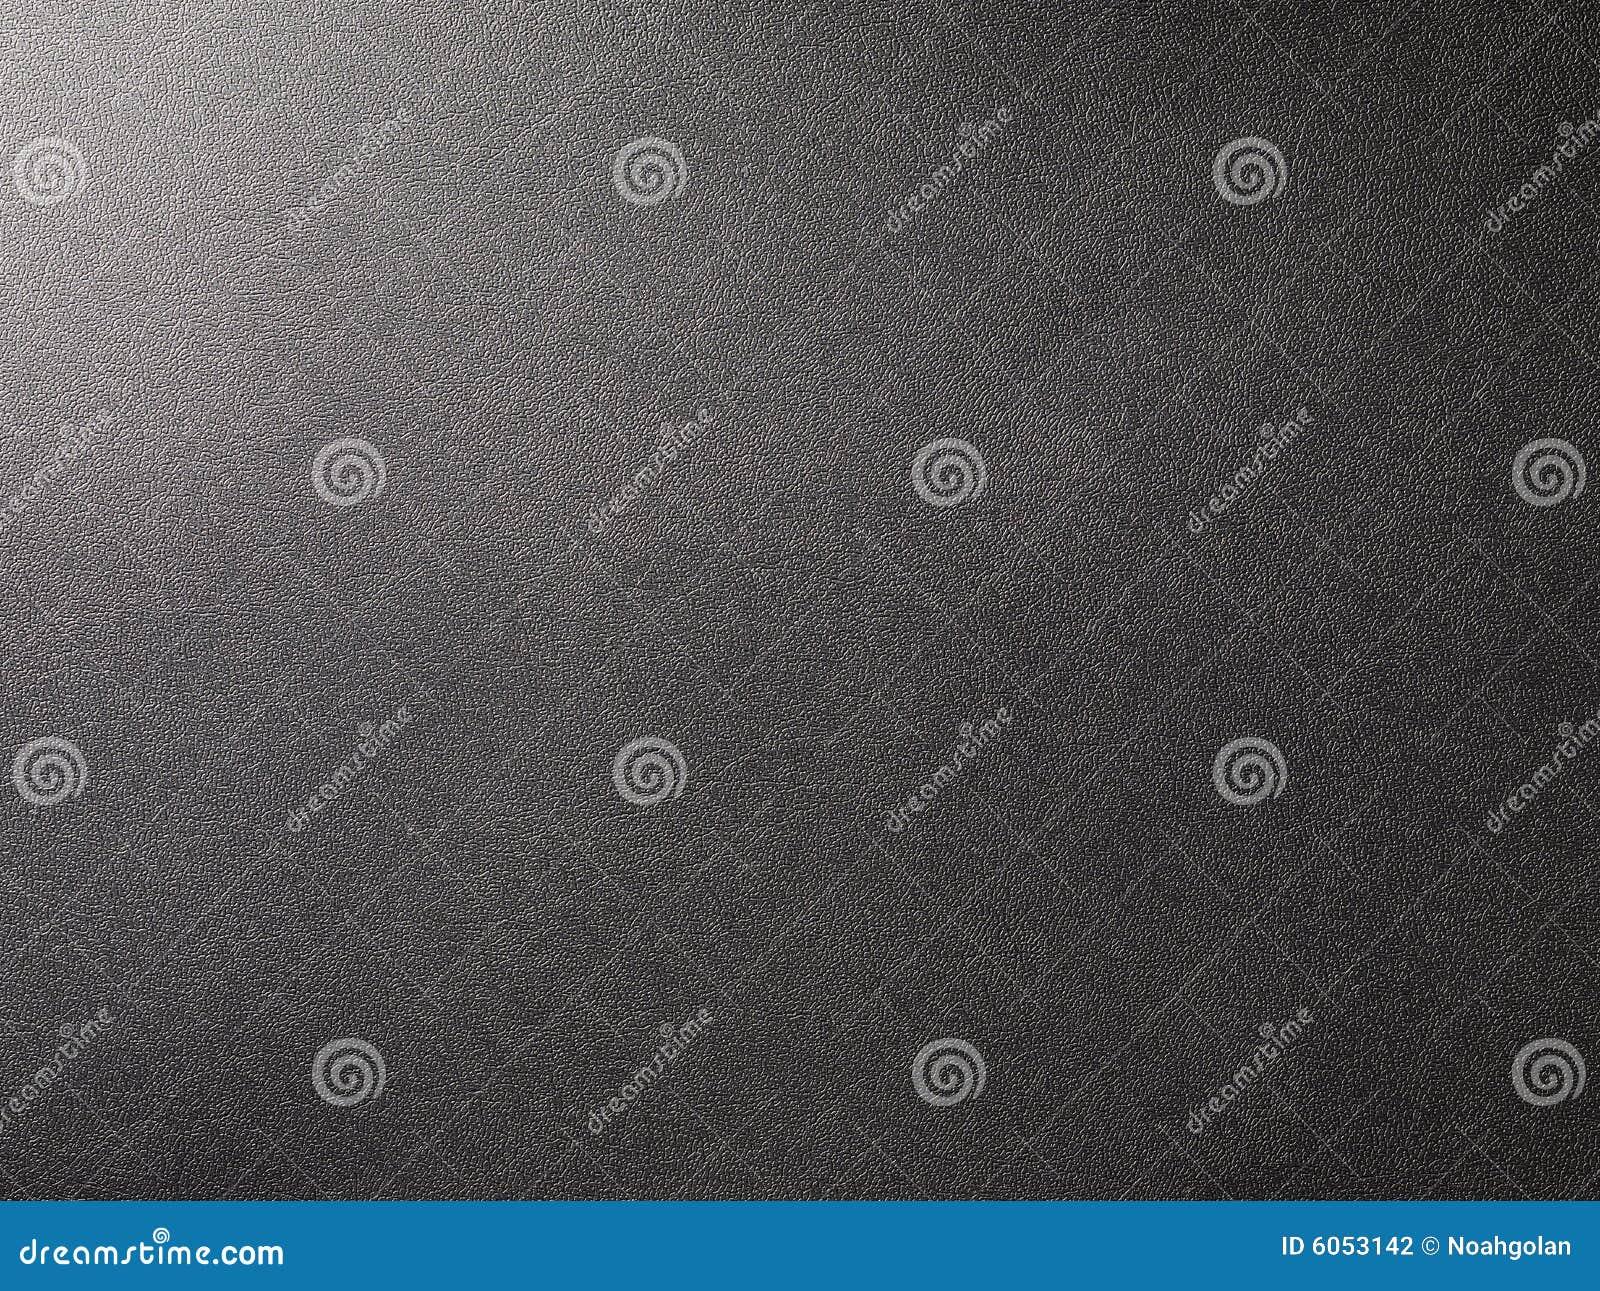 Black plastic texture 4